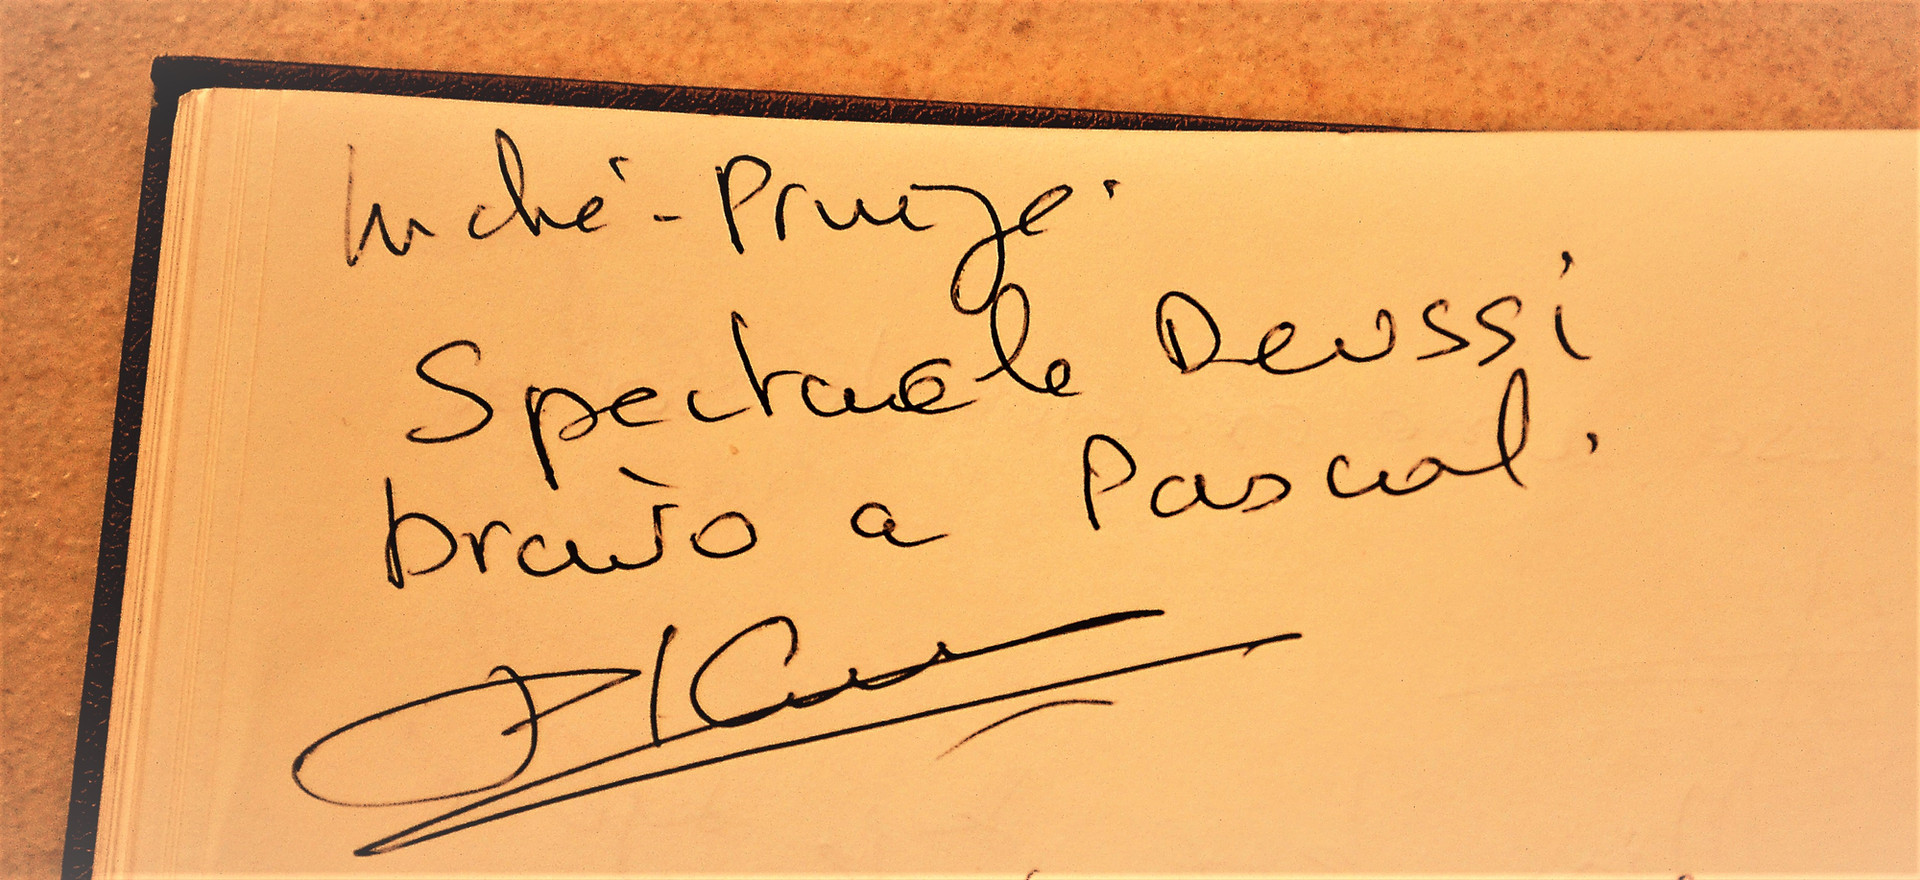 Luché-Pringé (72), le 28 avril 2018